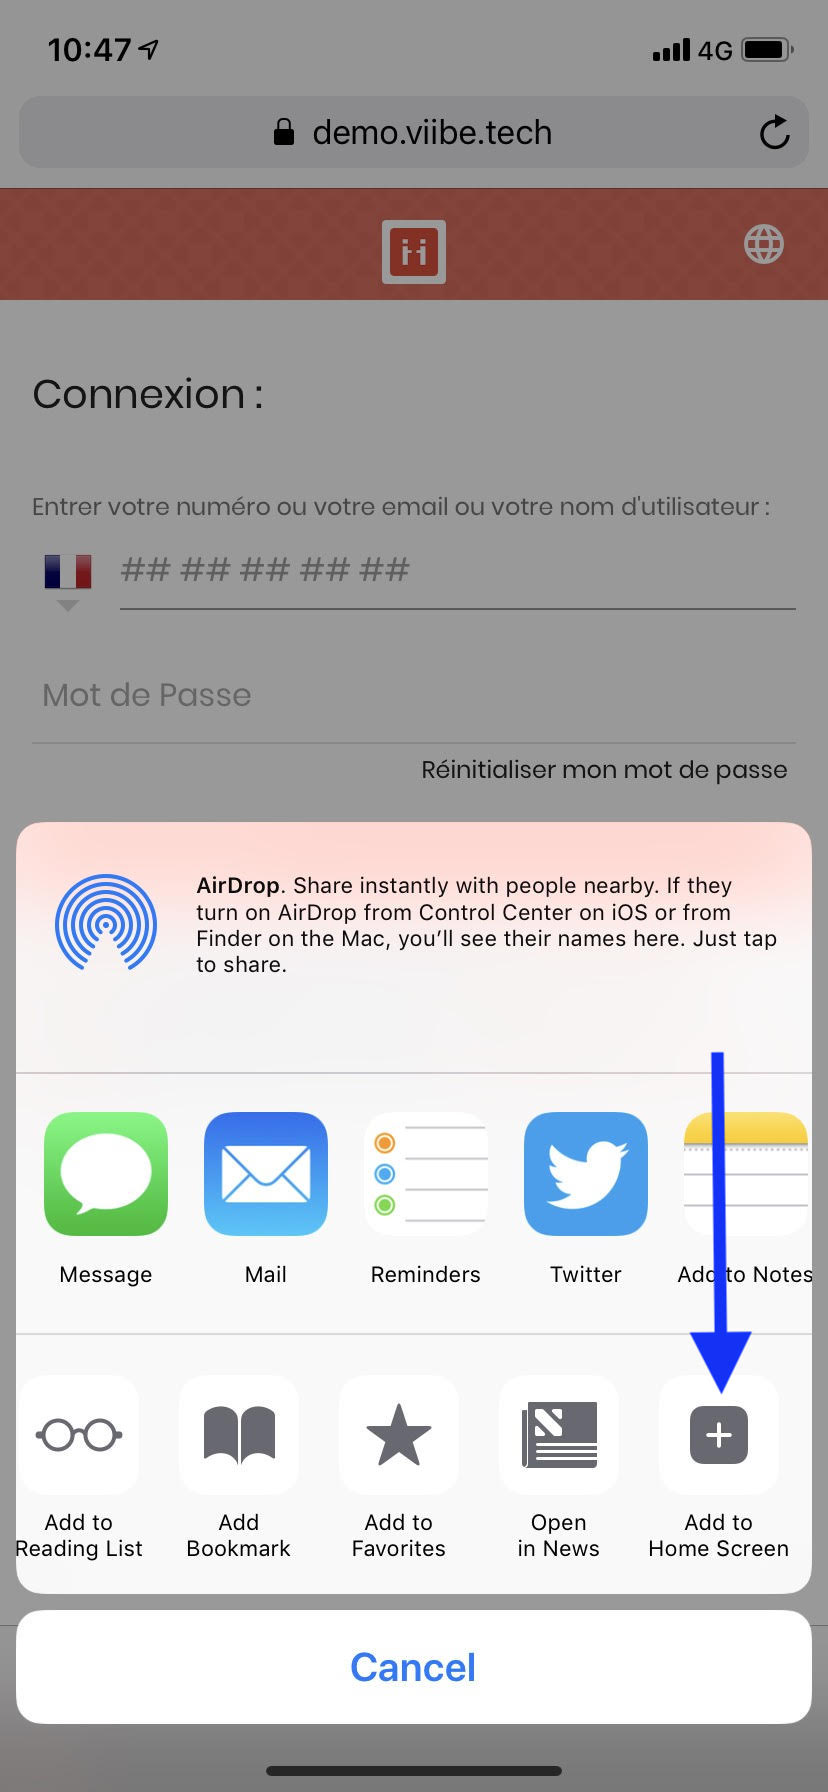 Créer un raccourci vers votre page d'accueil ViiBE à partir d'une plateforme iOS